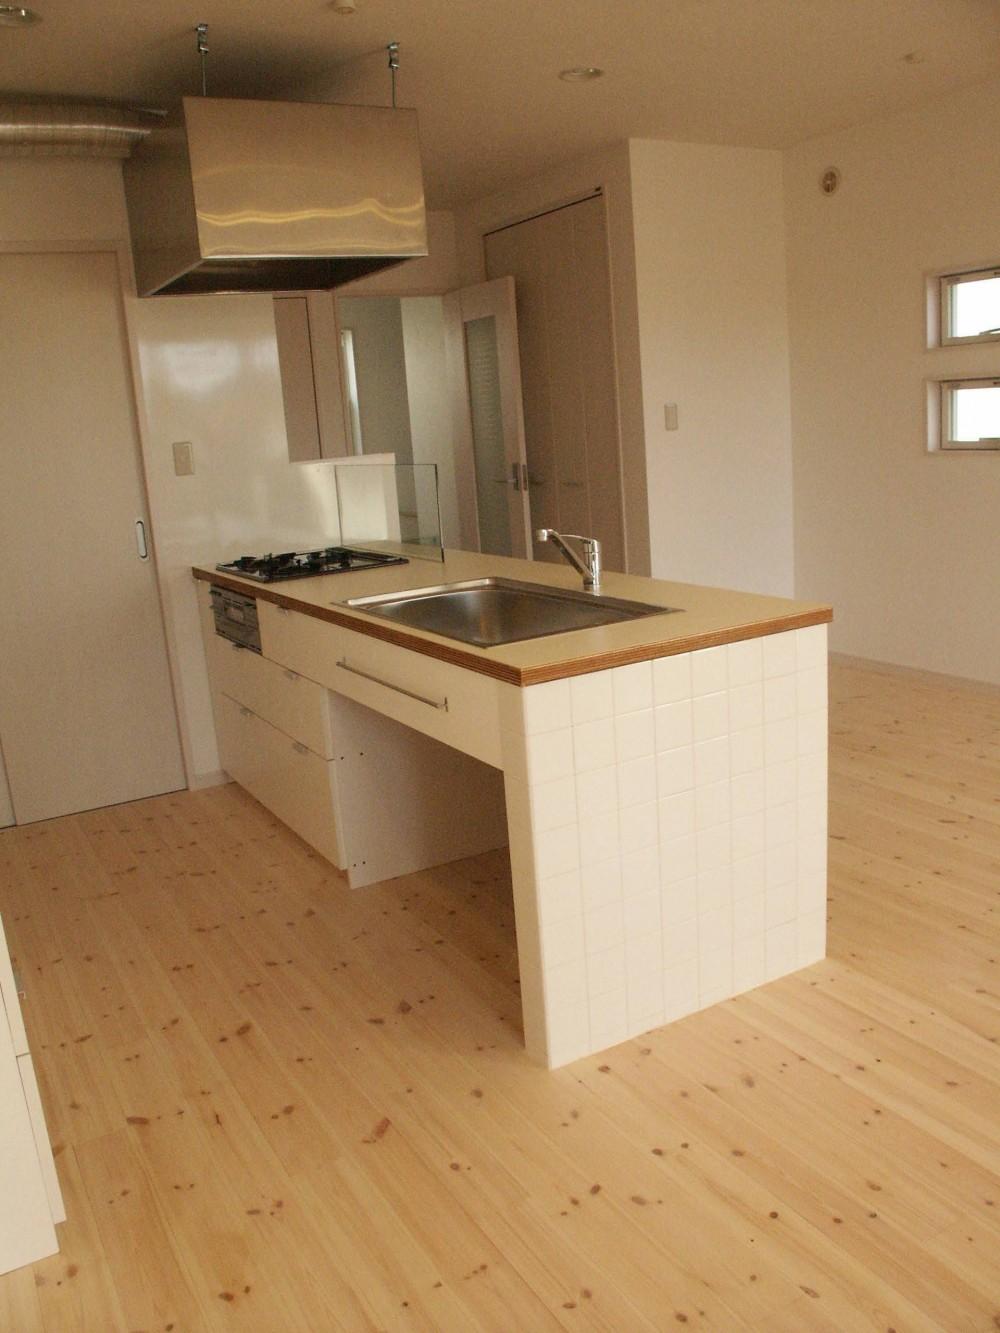 【大阪府】狭小物件を広く見せる光が特徴的な戸建て住宅 (キッチン)